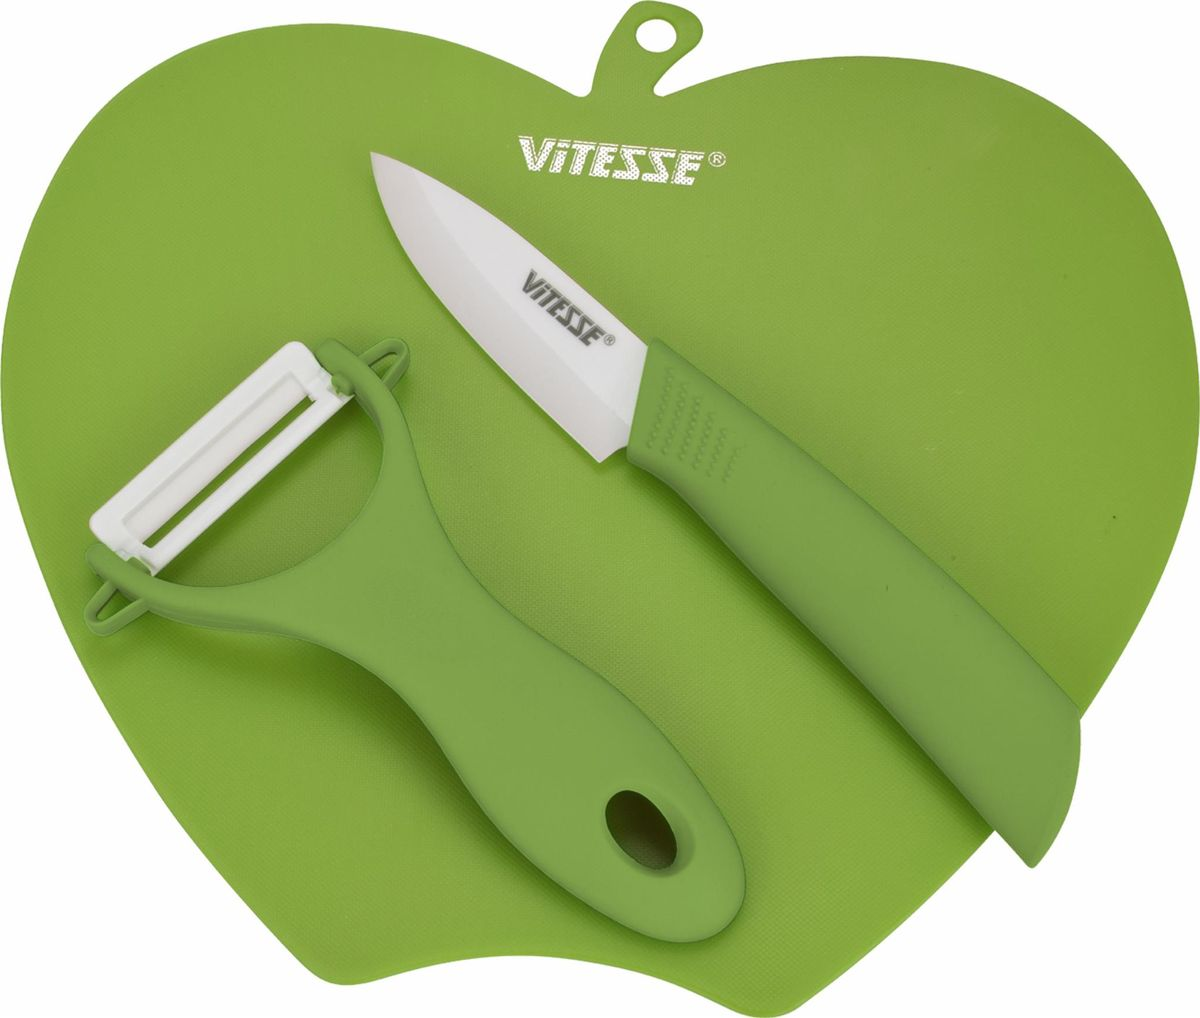 Кухонный набор из 3-х предметовМатериал лезвия ножа и овощечистки - высококачественная керамикаНе подвержены коррозии и просты в уходеУдобные цветные рукоятки